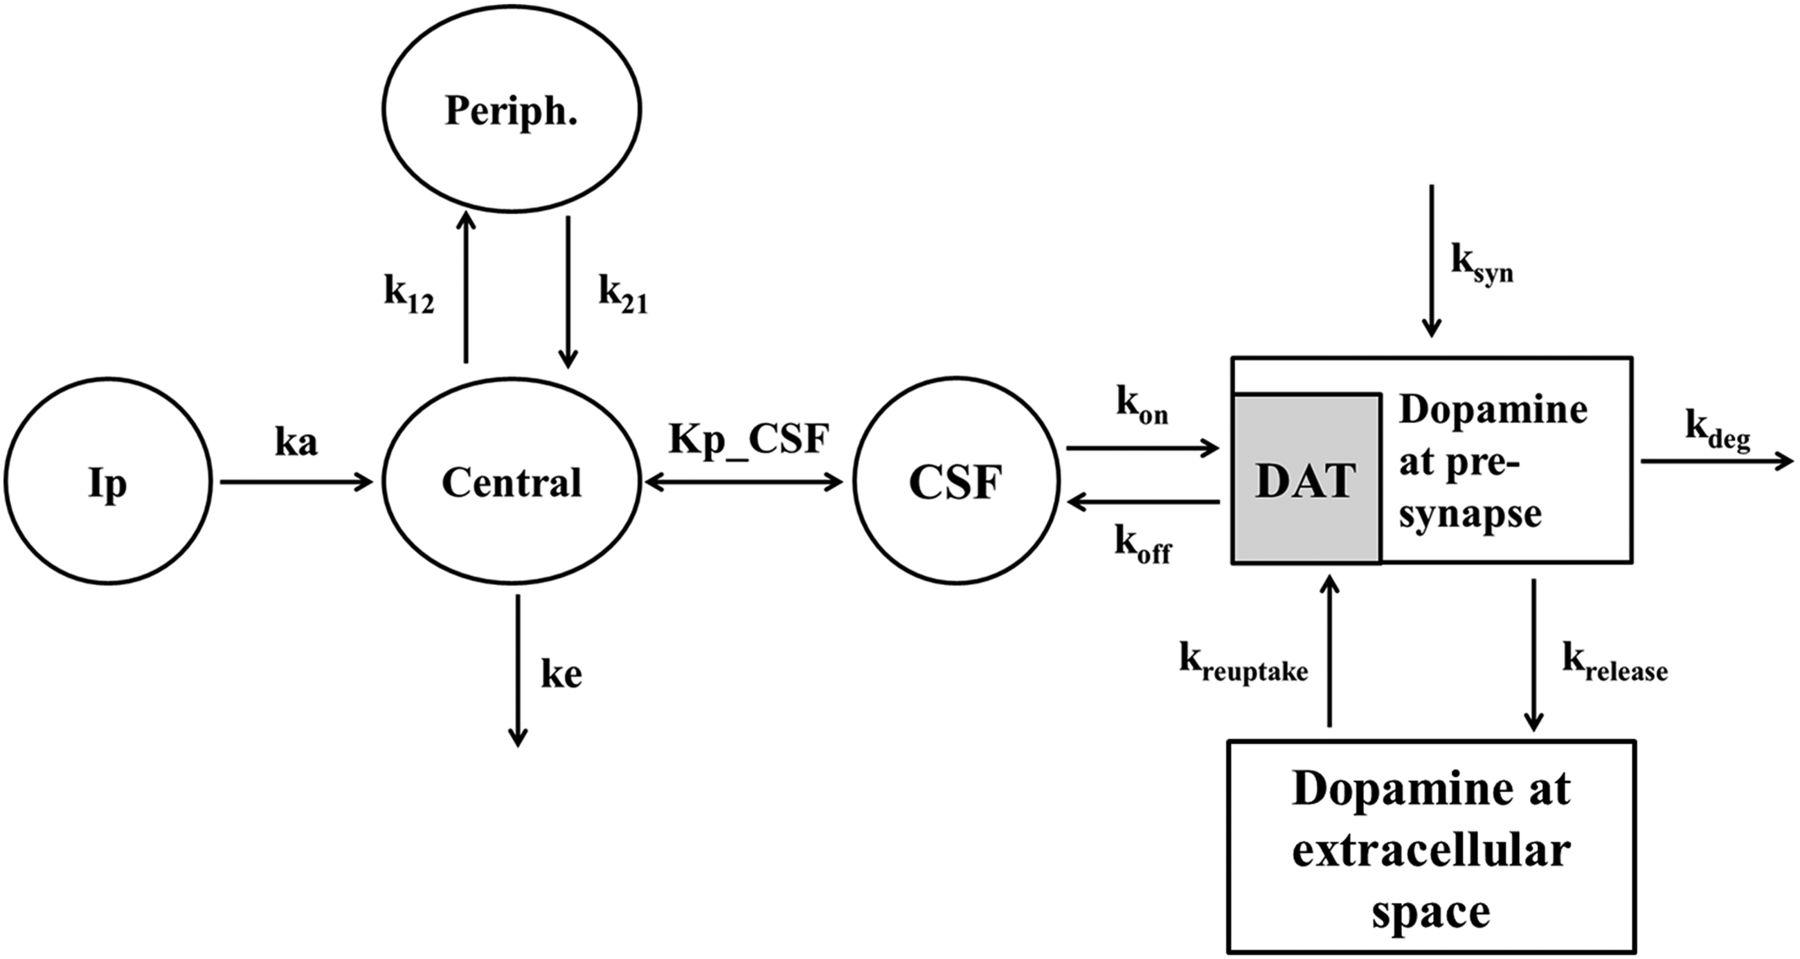 Pharmacokinetic-Pharmacodynamic Modeling of Brain Dopamine